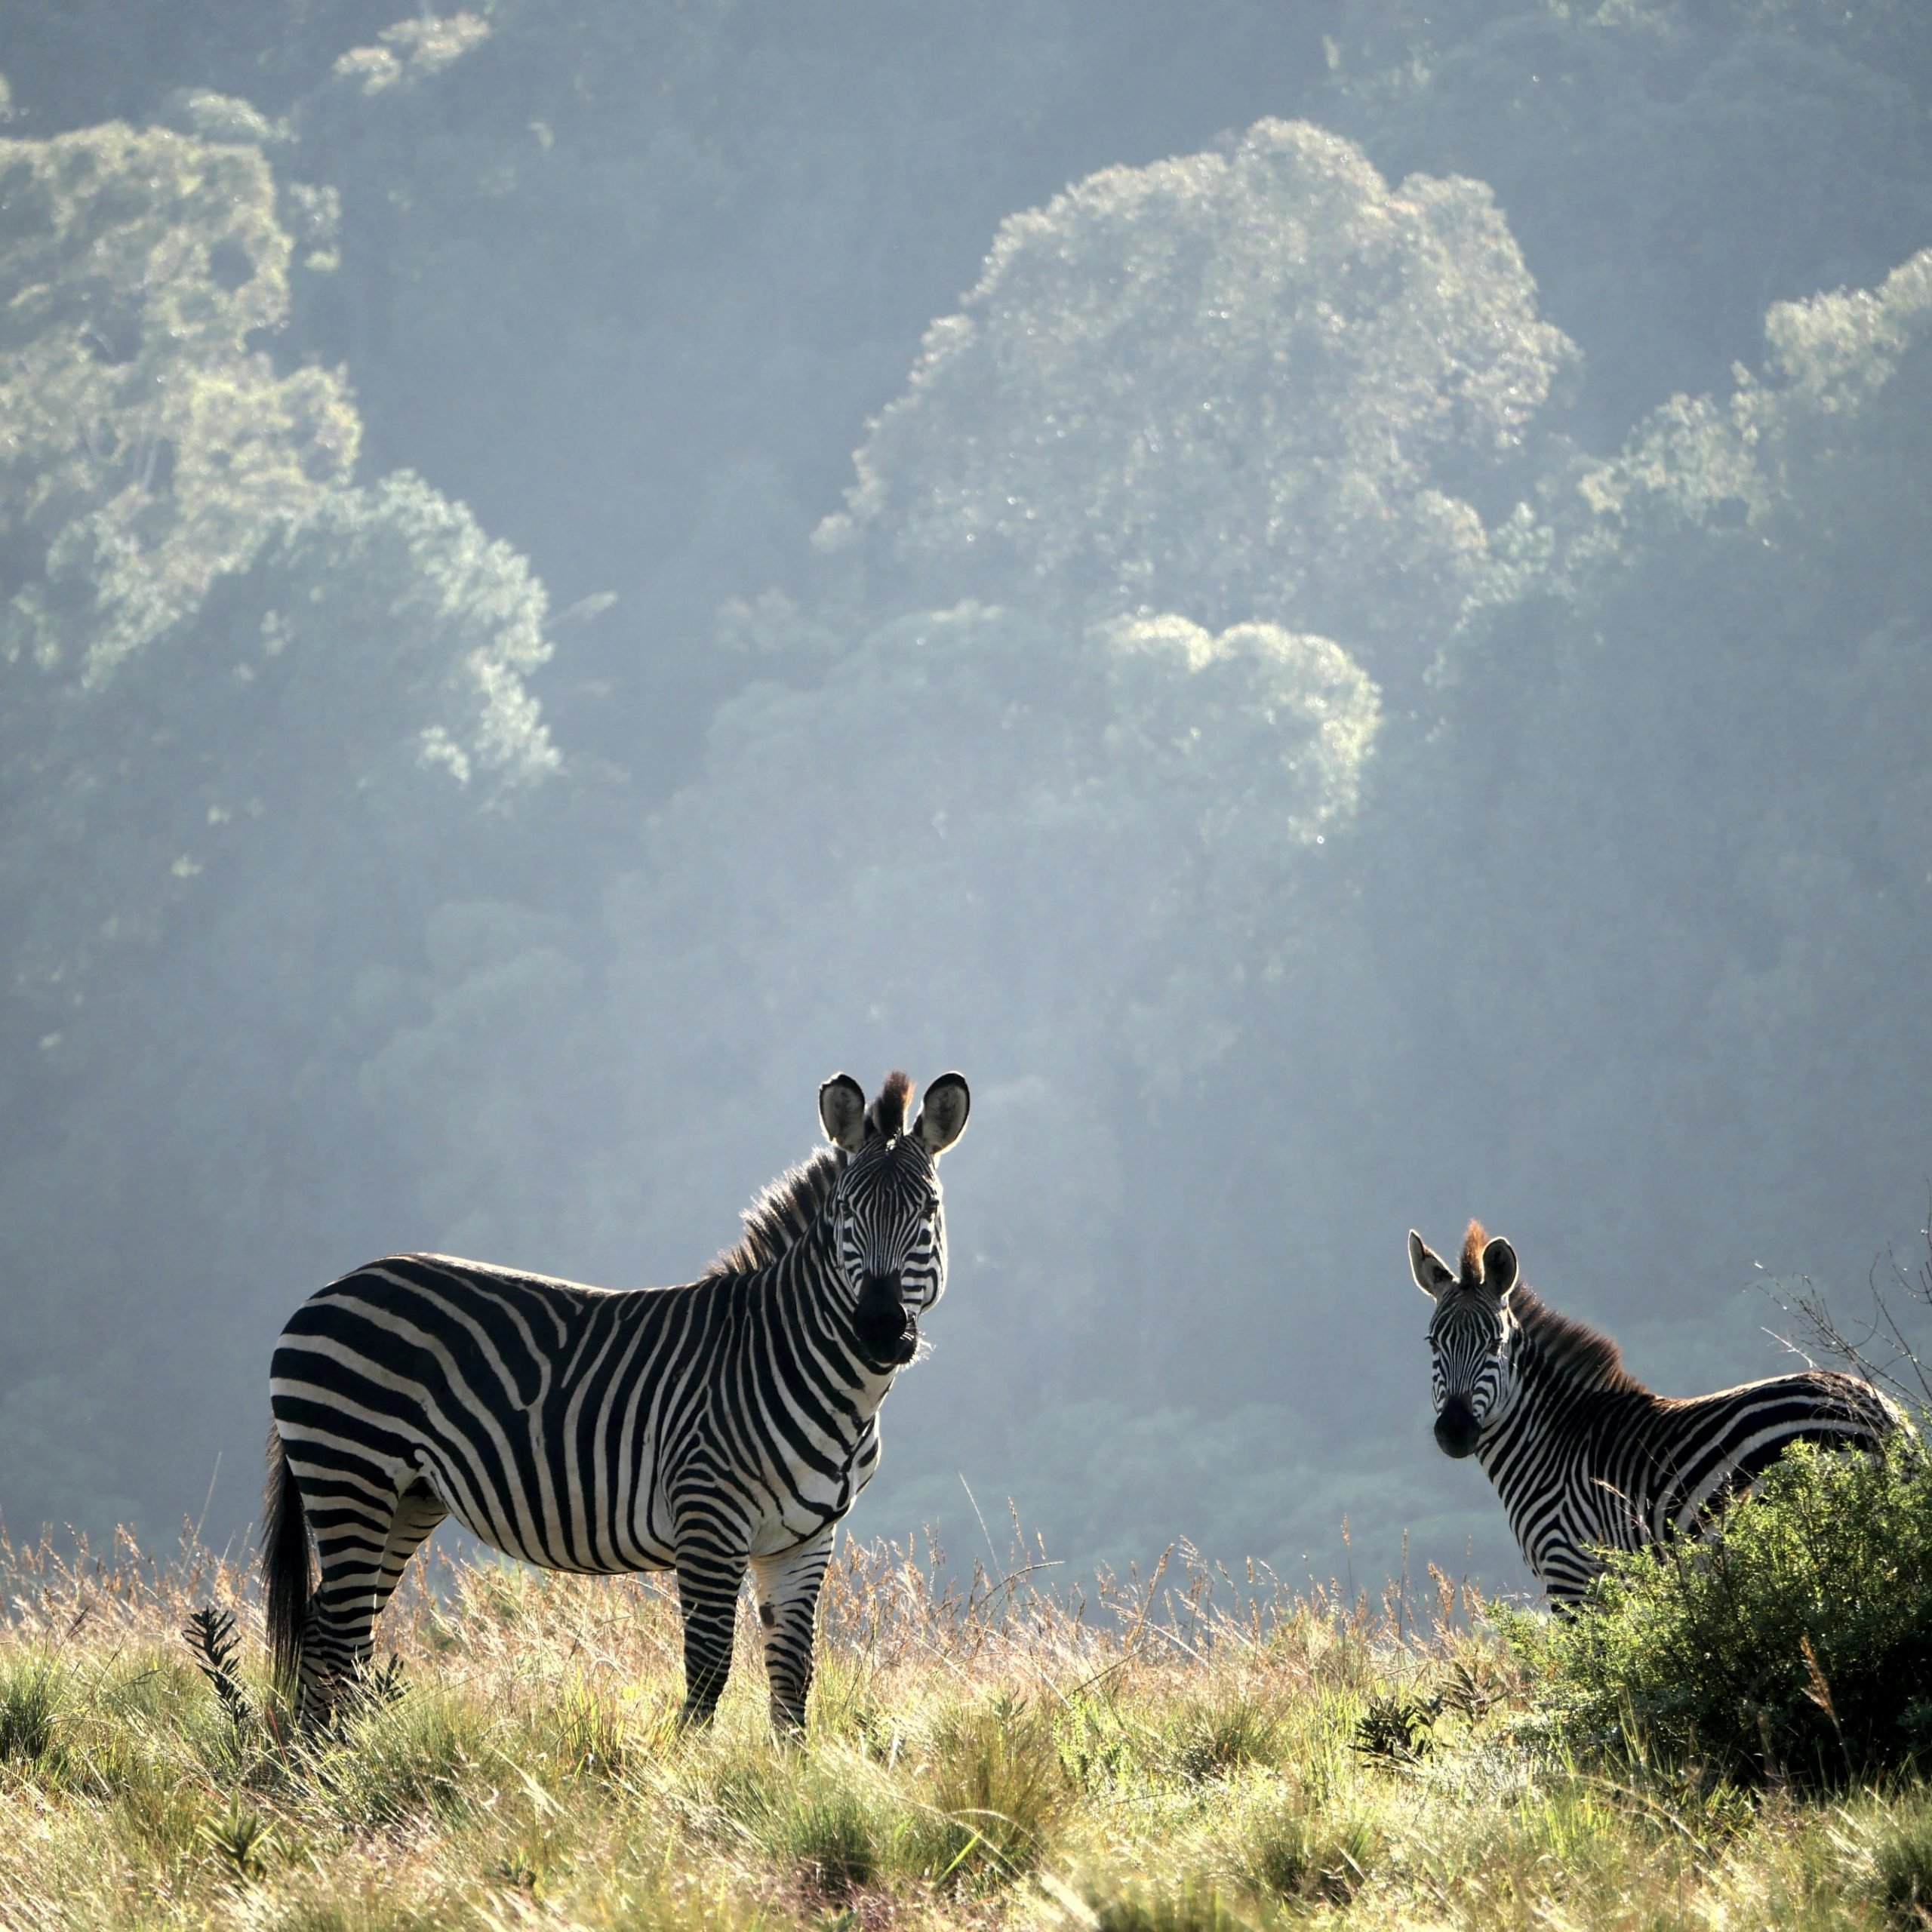 Arusha-Tarangire National Park